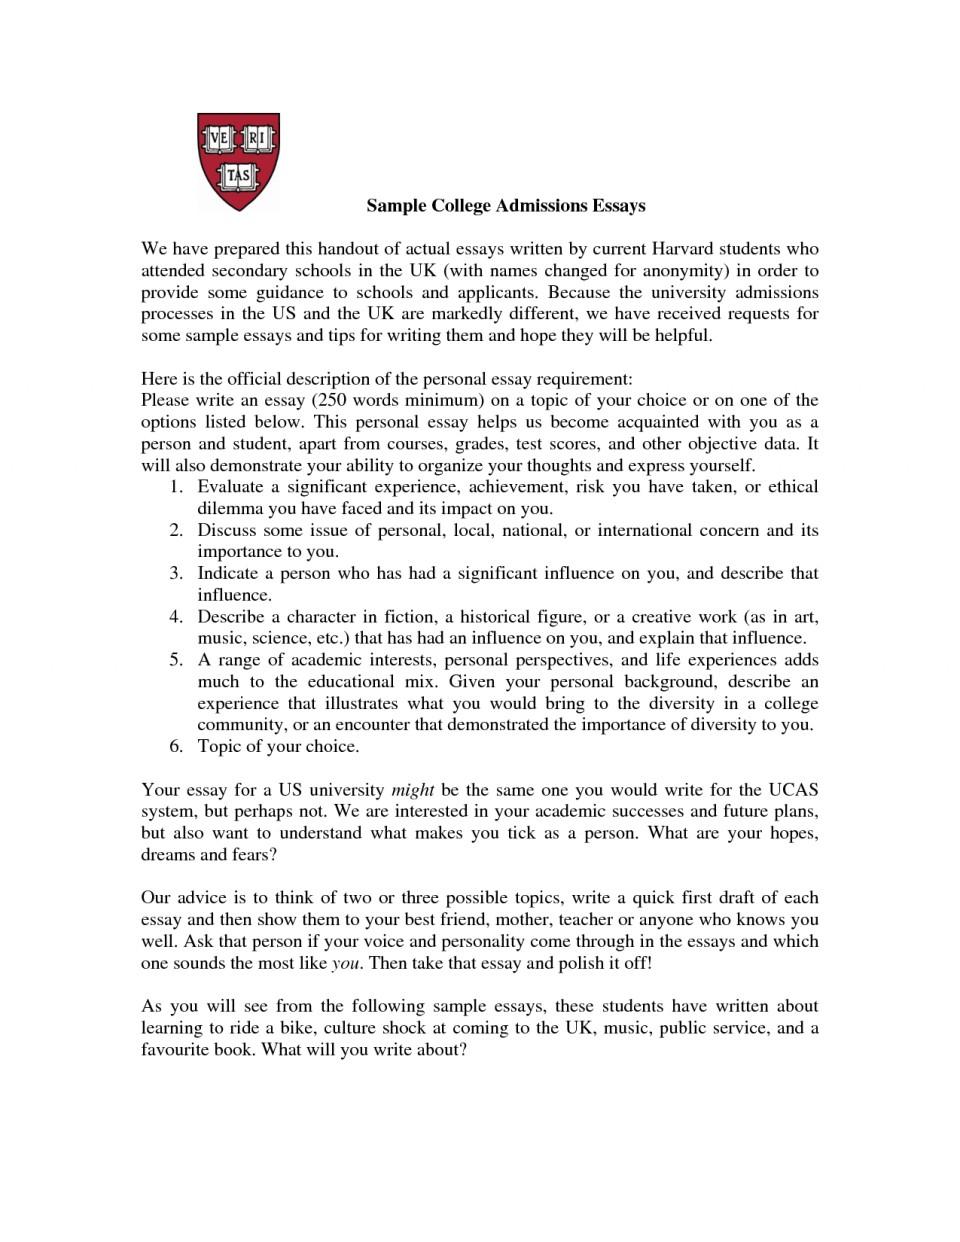 Custom admission essay 2012